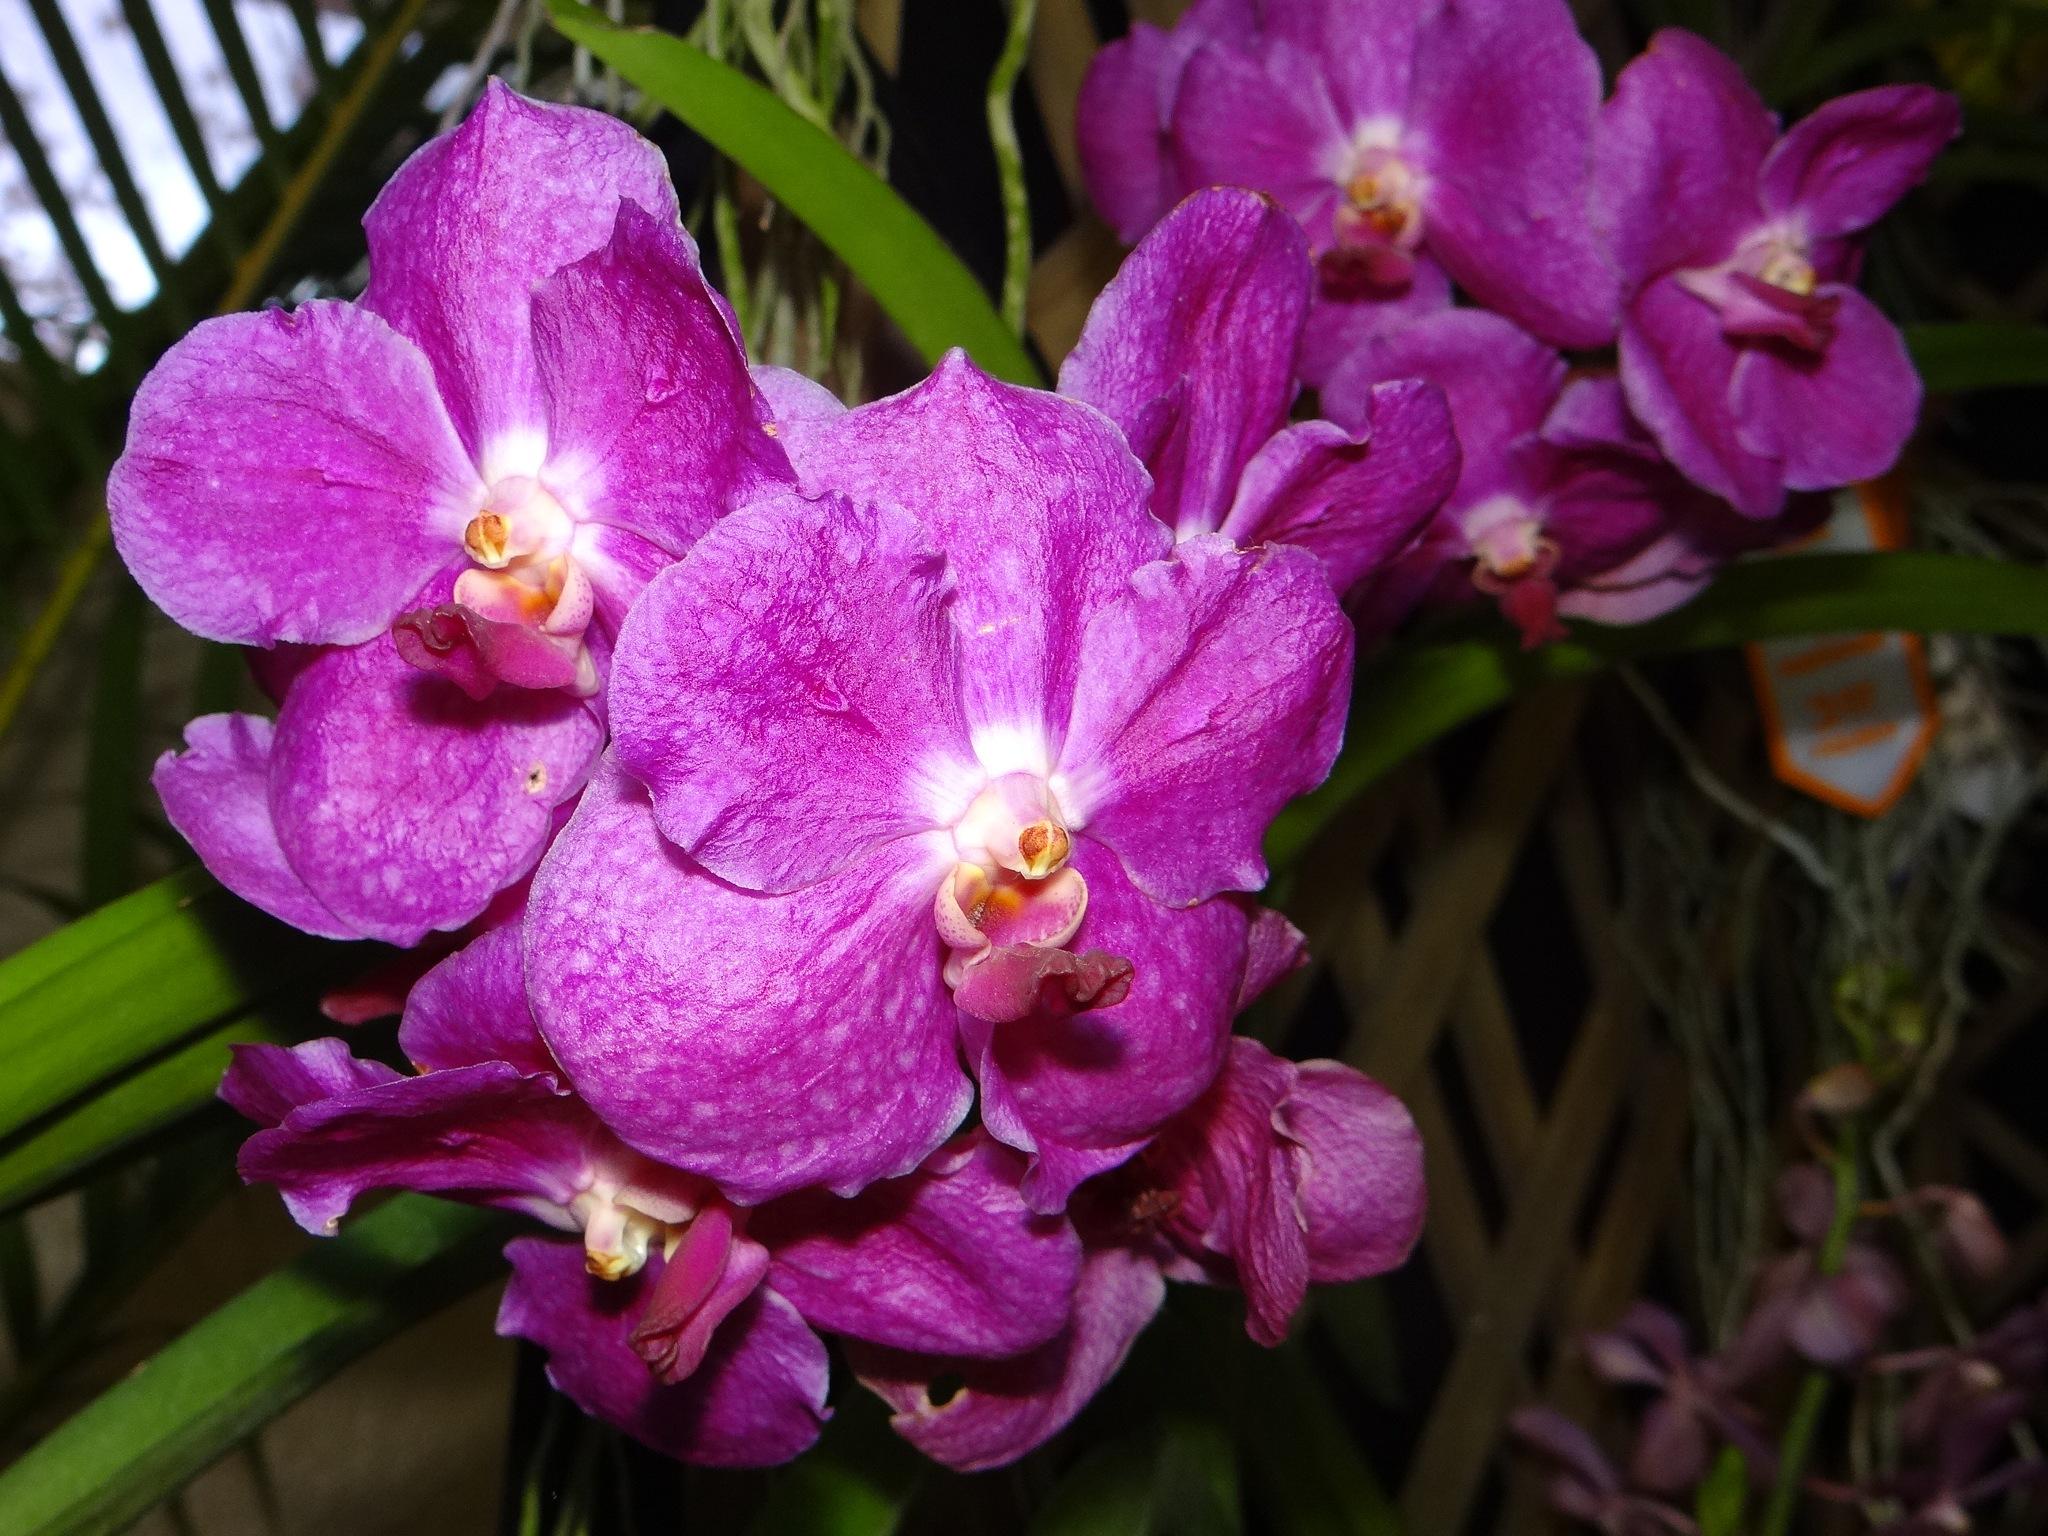 Orquídeas Vanda  by vladybachez